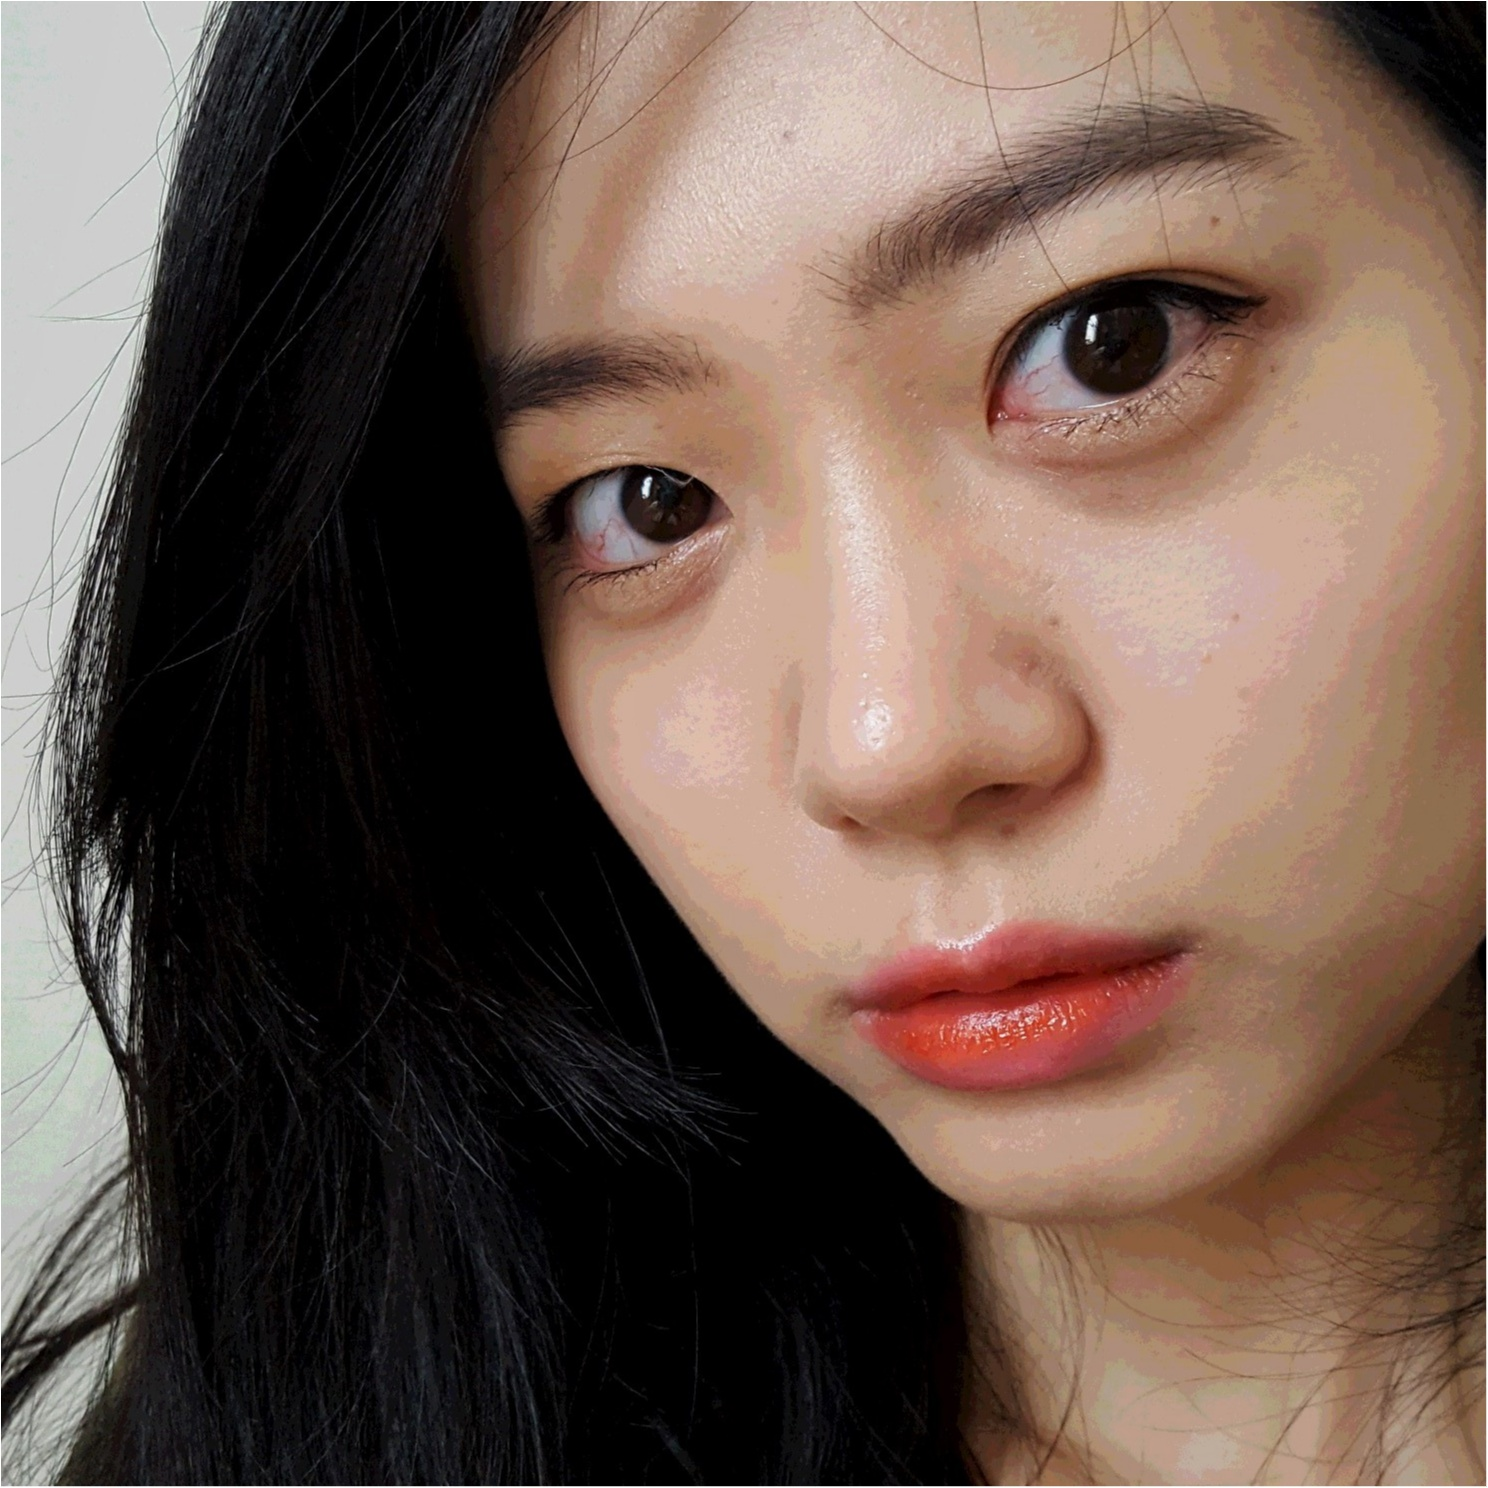 メイベリン・限定グラデリップが可愛すぎ♡ 【GWの初夏メイク】_4